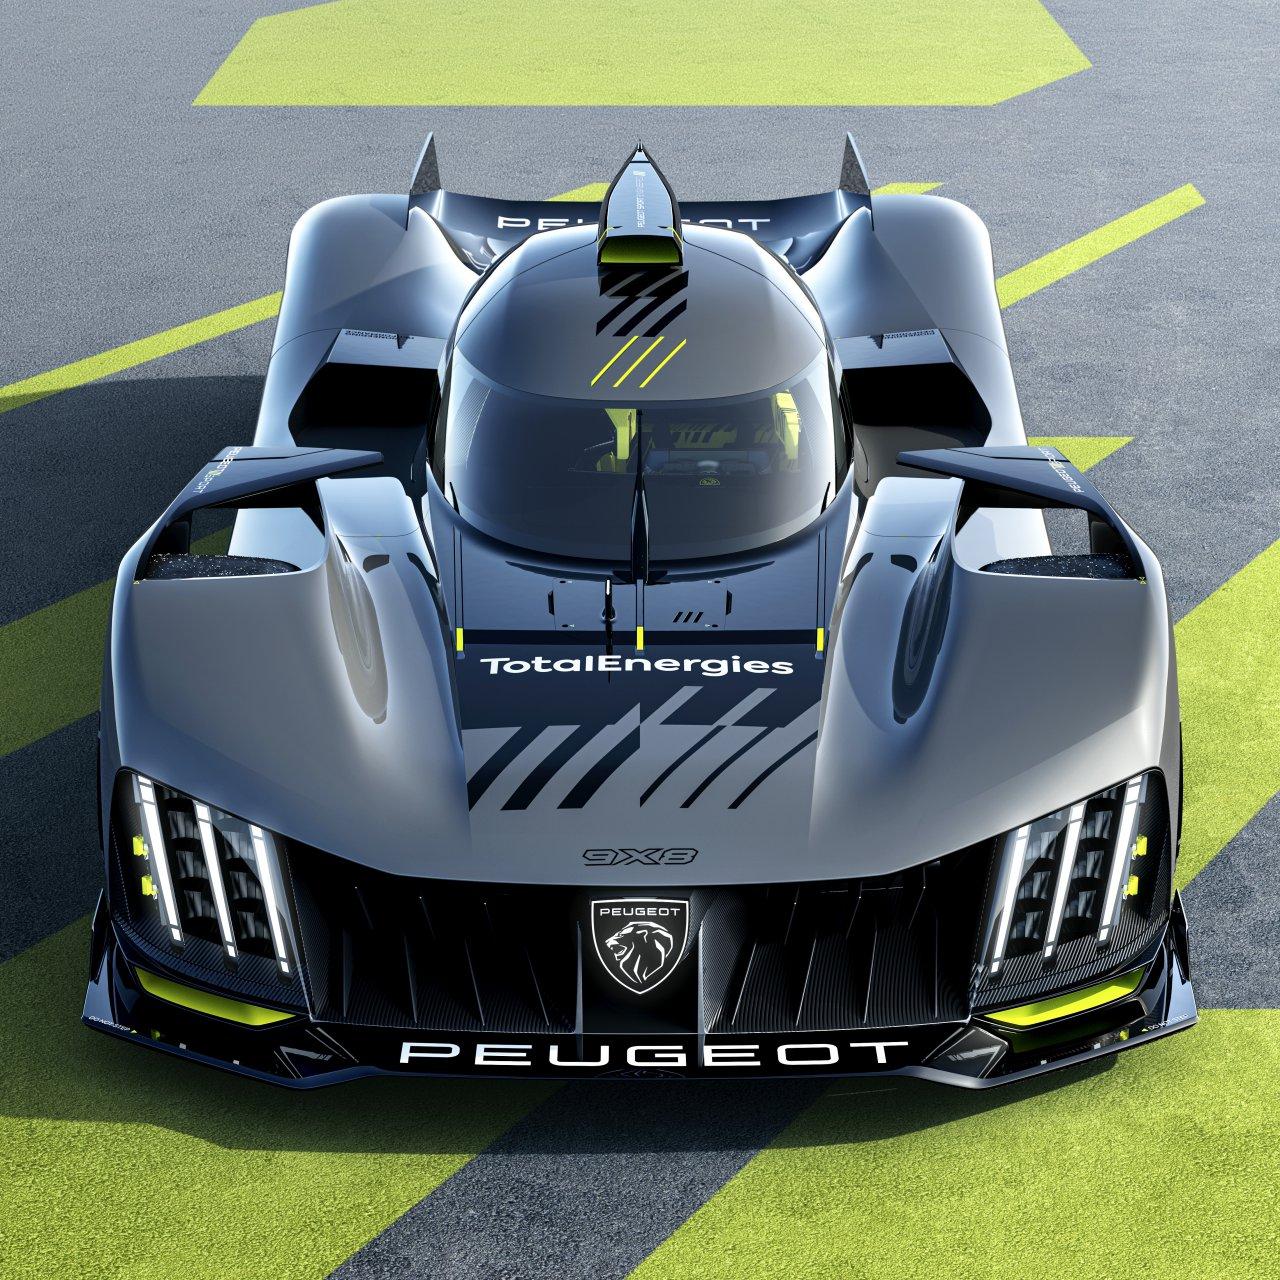 Peugeot, Peugeot reveals its 2022 Le Mans race car, ClassicCars.com Journal